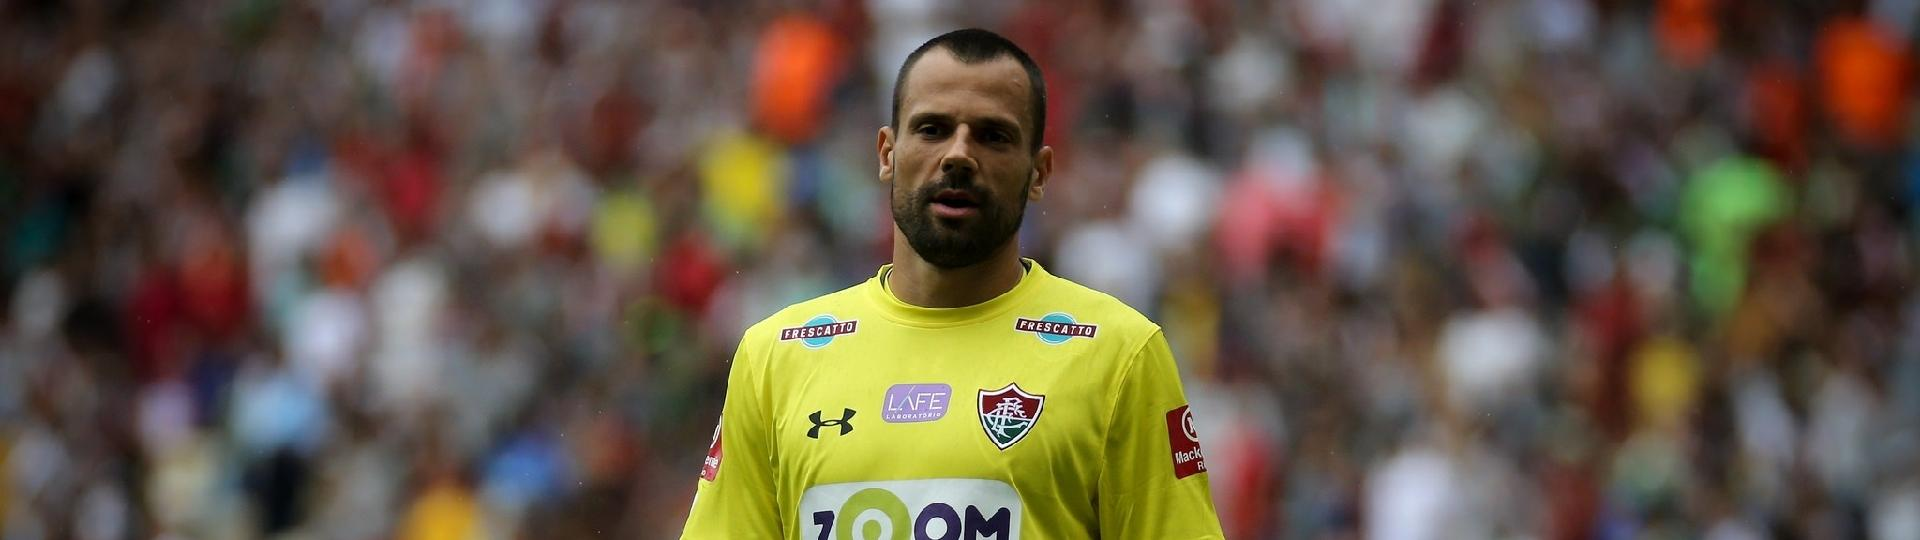 O goleiro Diego Cavalieri em ação pelo Fluminense contra a Ponte